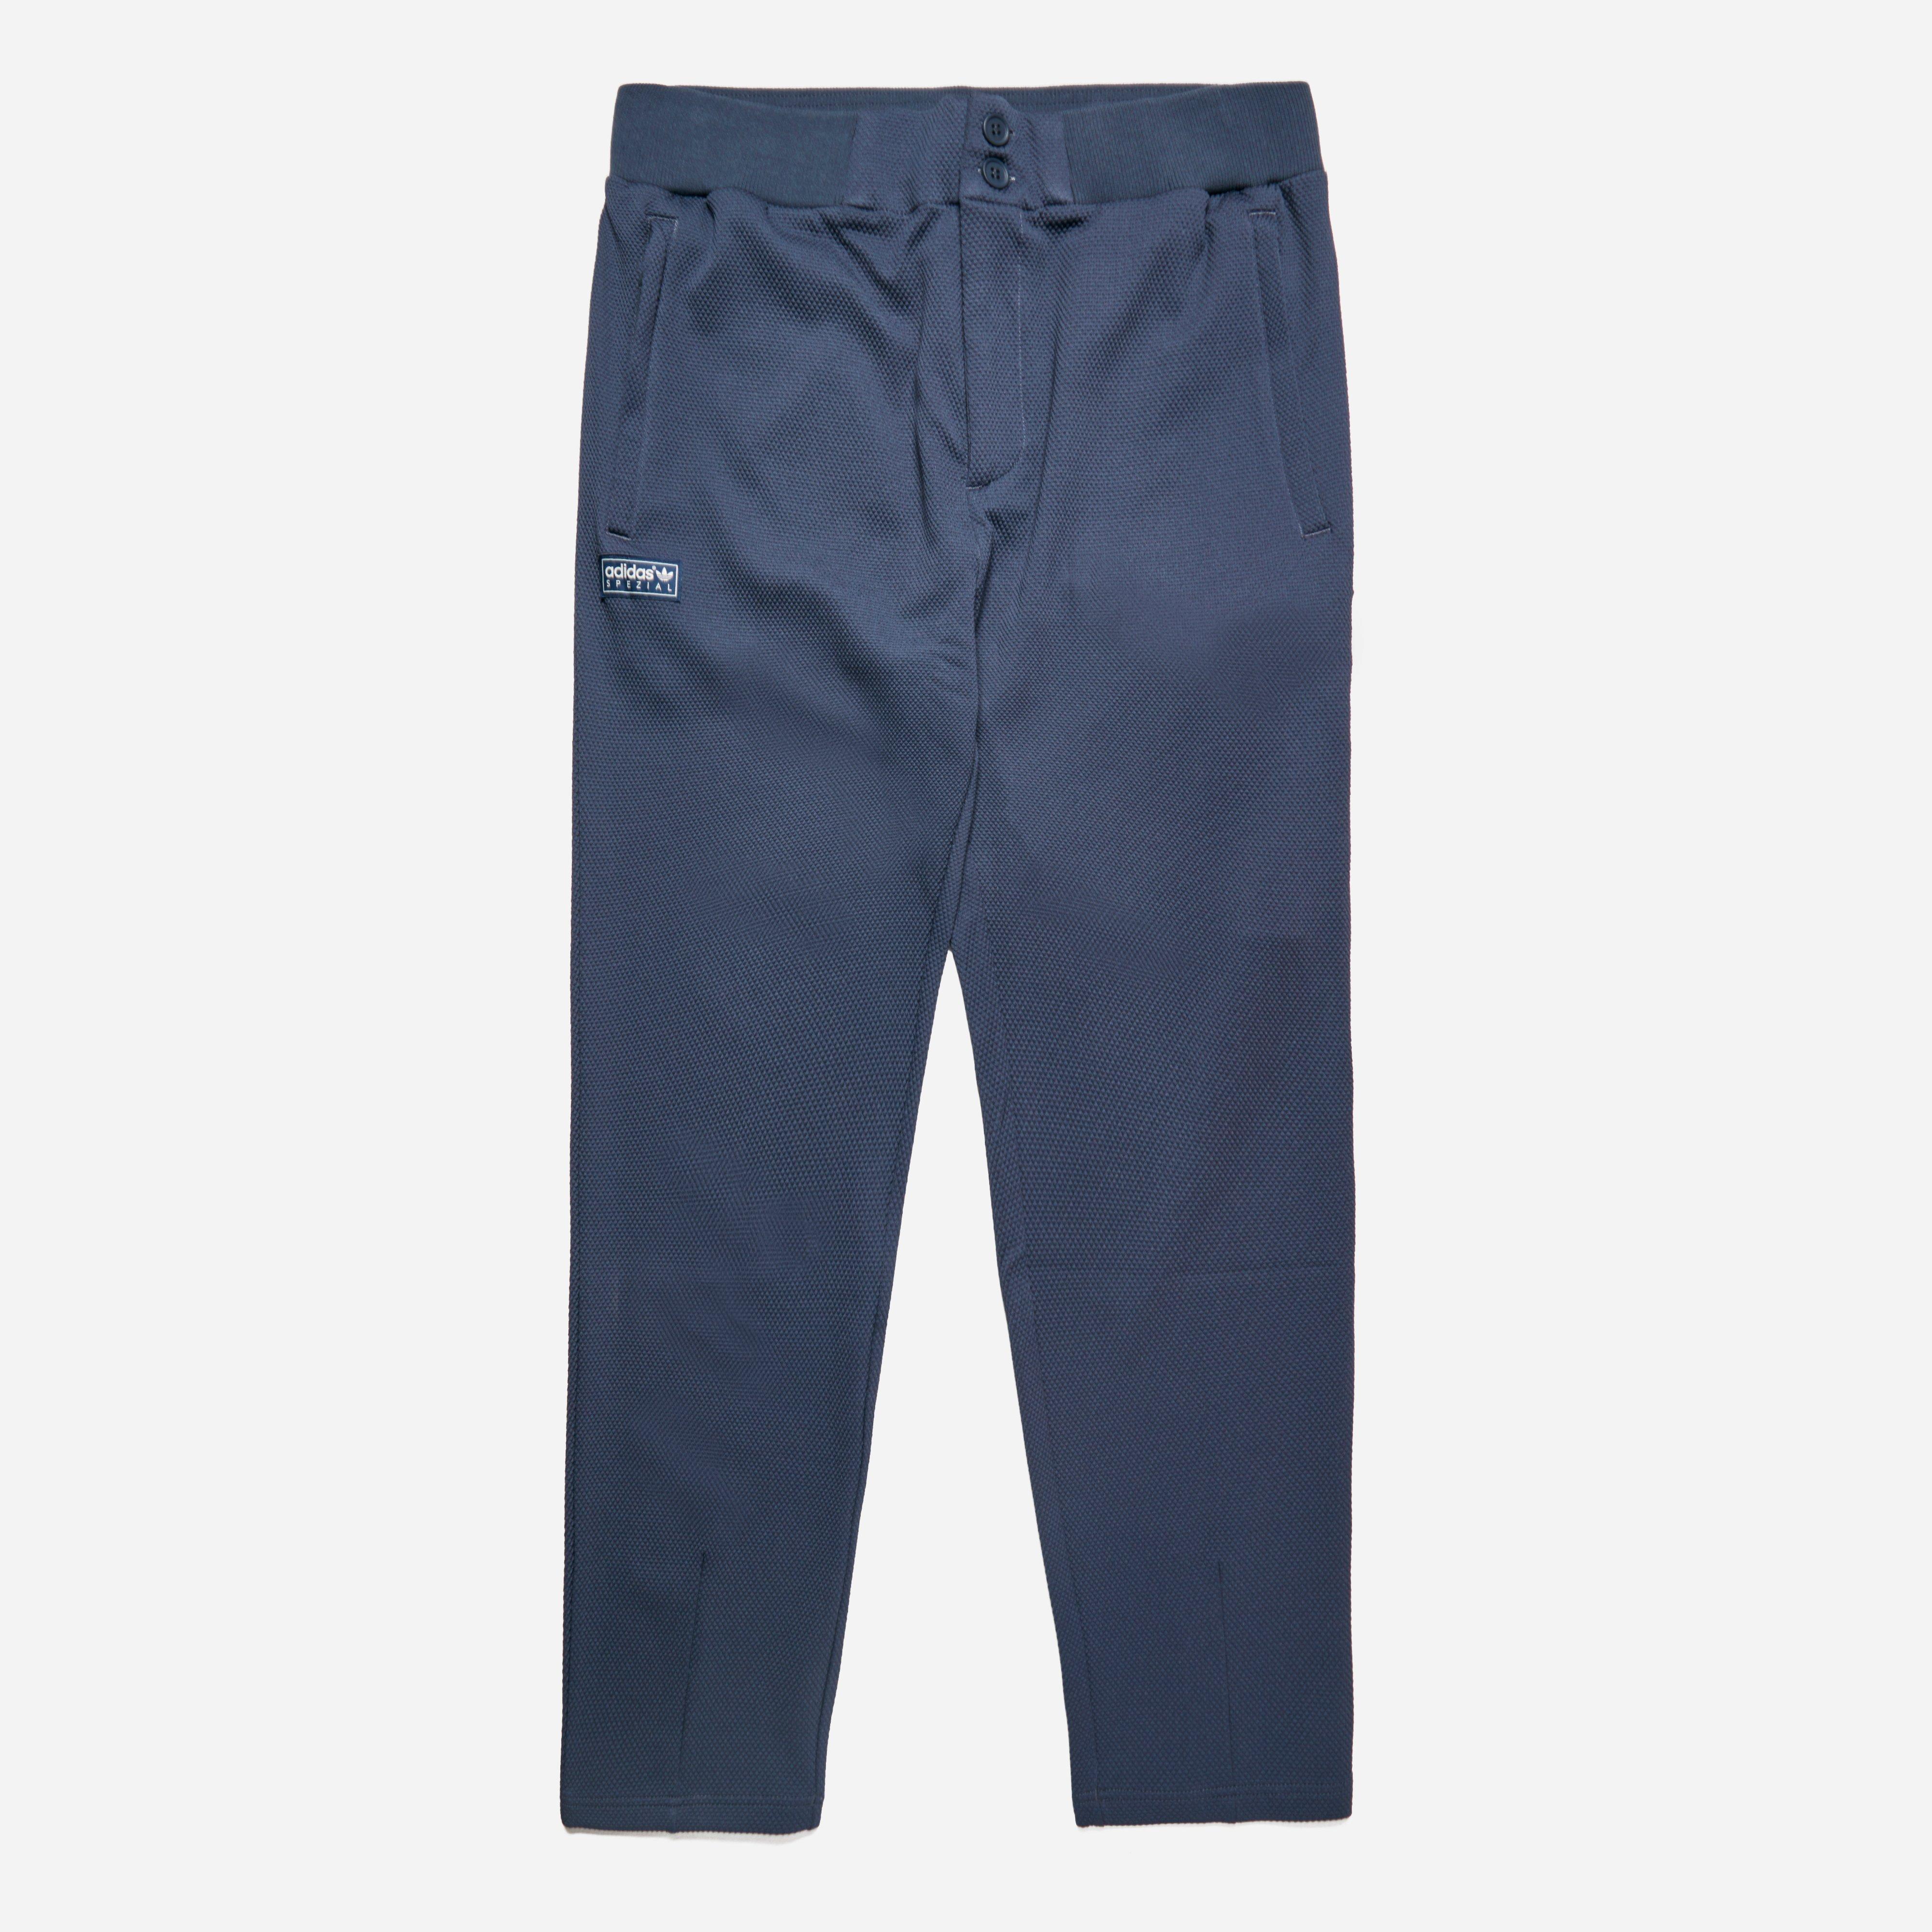 adidas Originals Spezial Bidston Track Pant